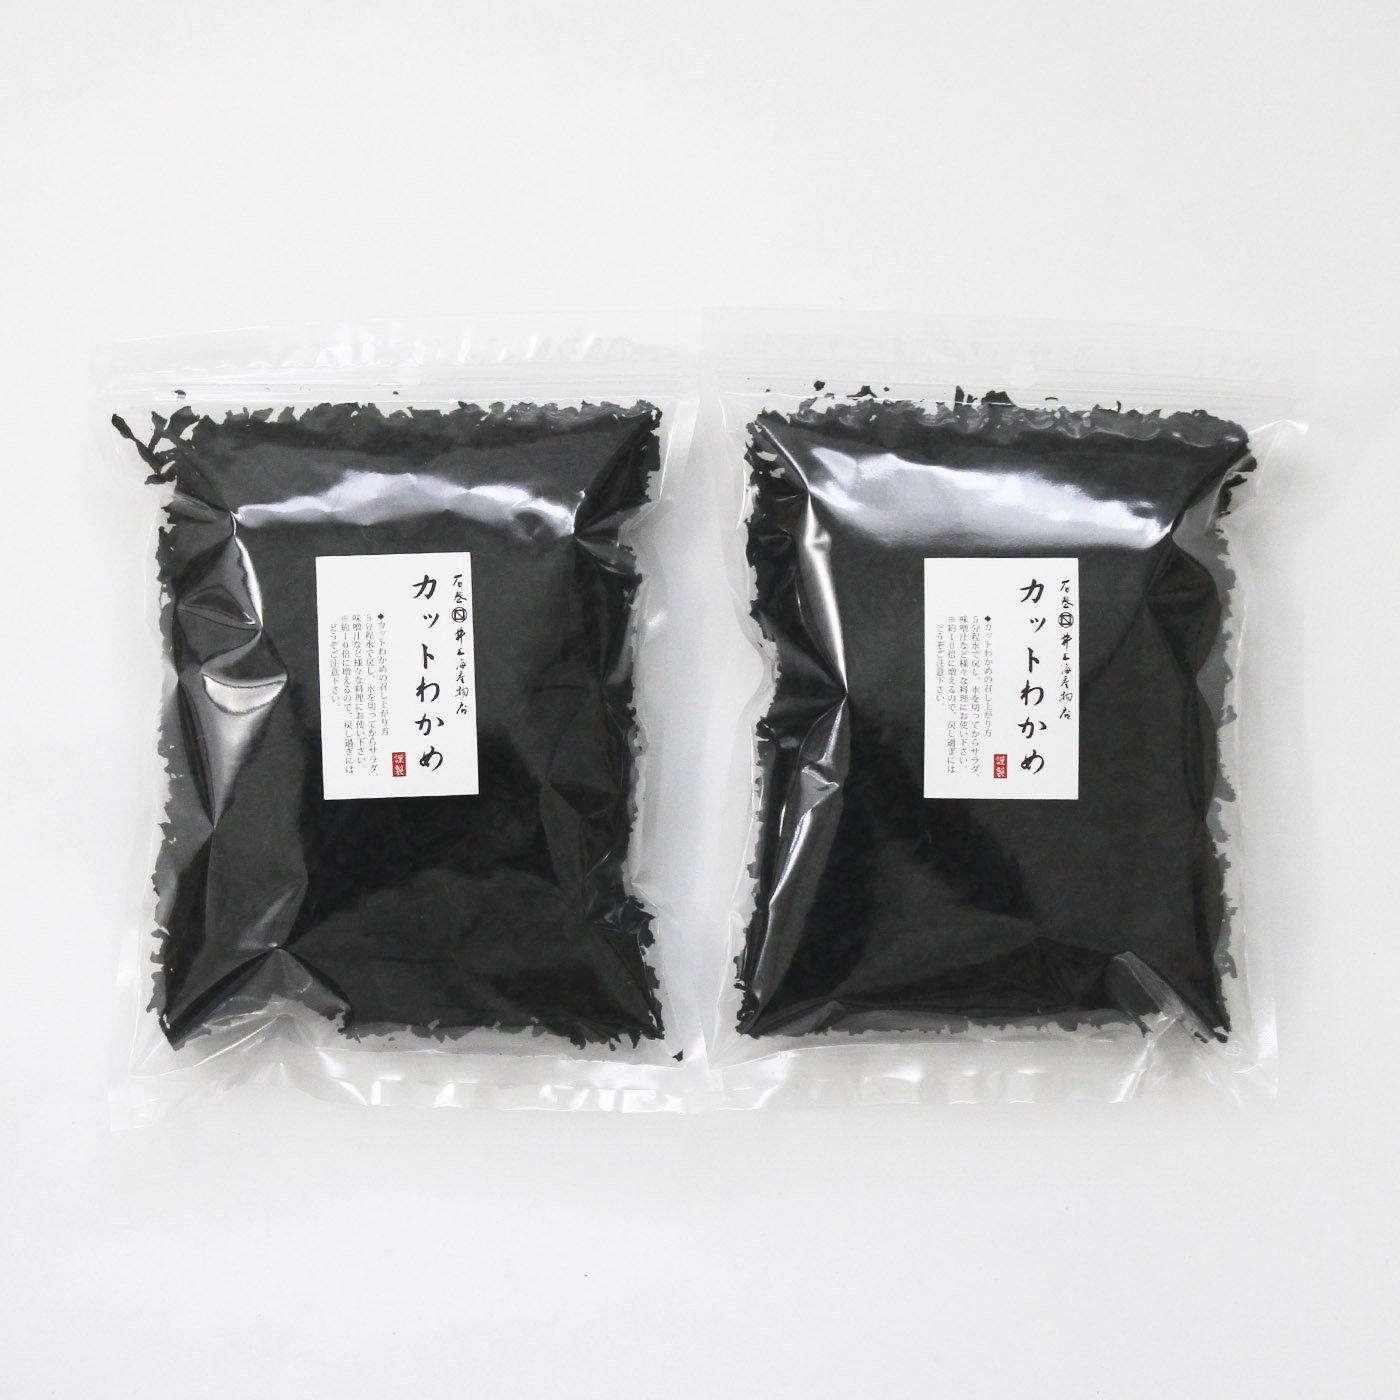 三陸産 乾燥わかめ(カットわかめ) 10袋分(200g×2個)